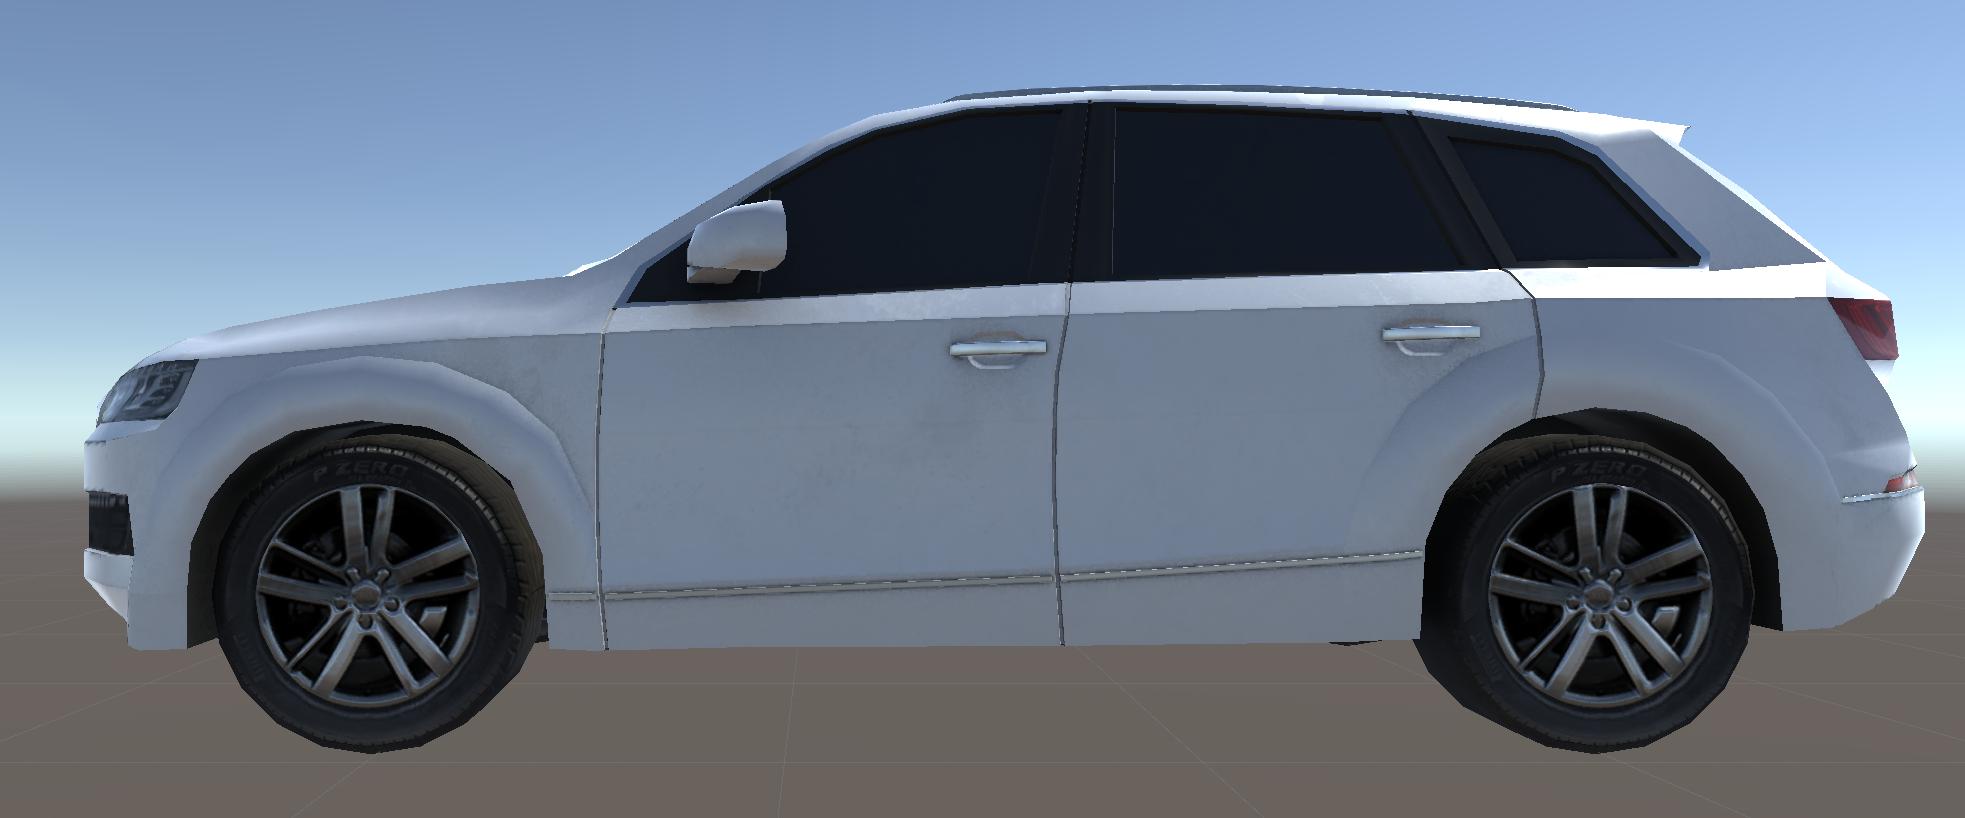 SUV_Side